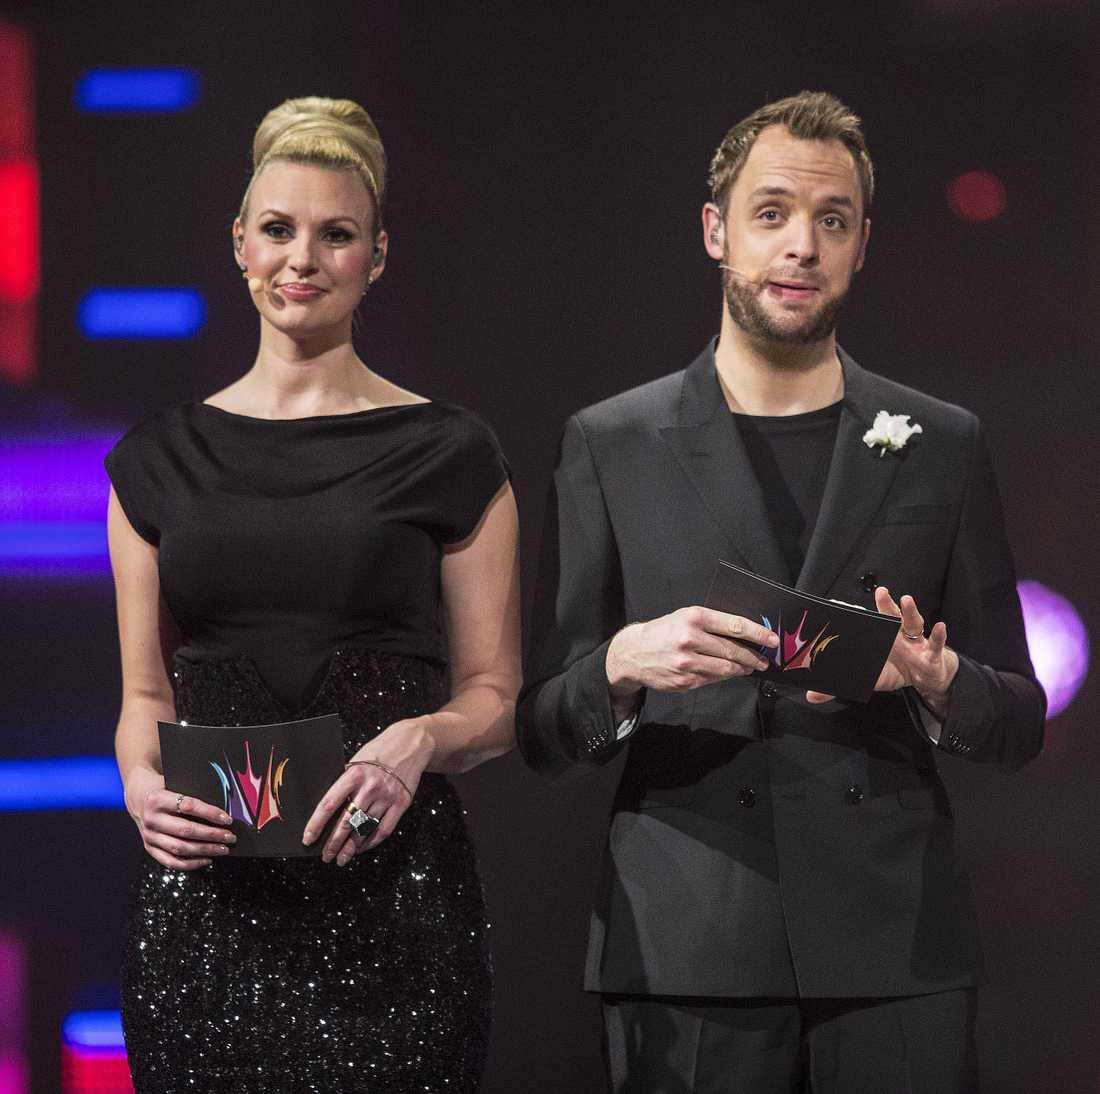 OCH VINNAREN ÄR … När programledarna Sanna Nielsen och Robin Paulsson läser upp vem som är årets vinnare av Melodifestivalen på lördag är svenska folkets 473 poäng utsmetade över alla tolv bidrag - medan den internationella juryn bara födelar sin pott på sju bidrag.